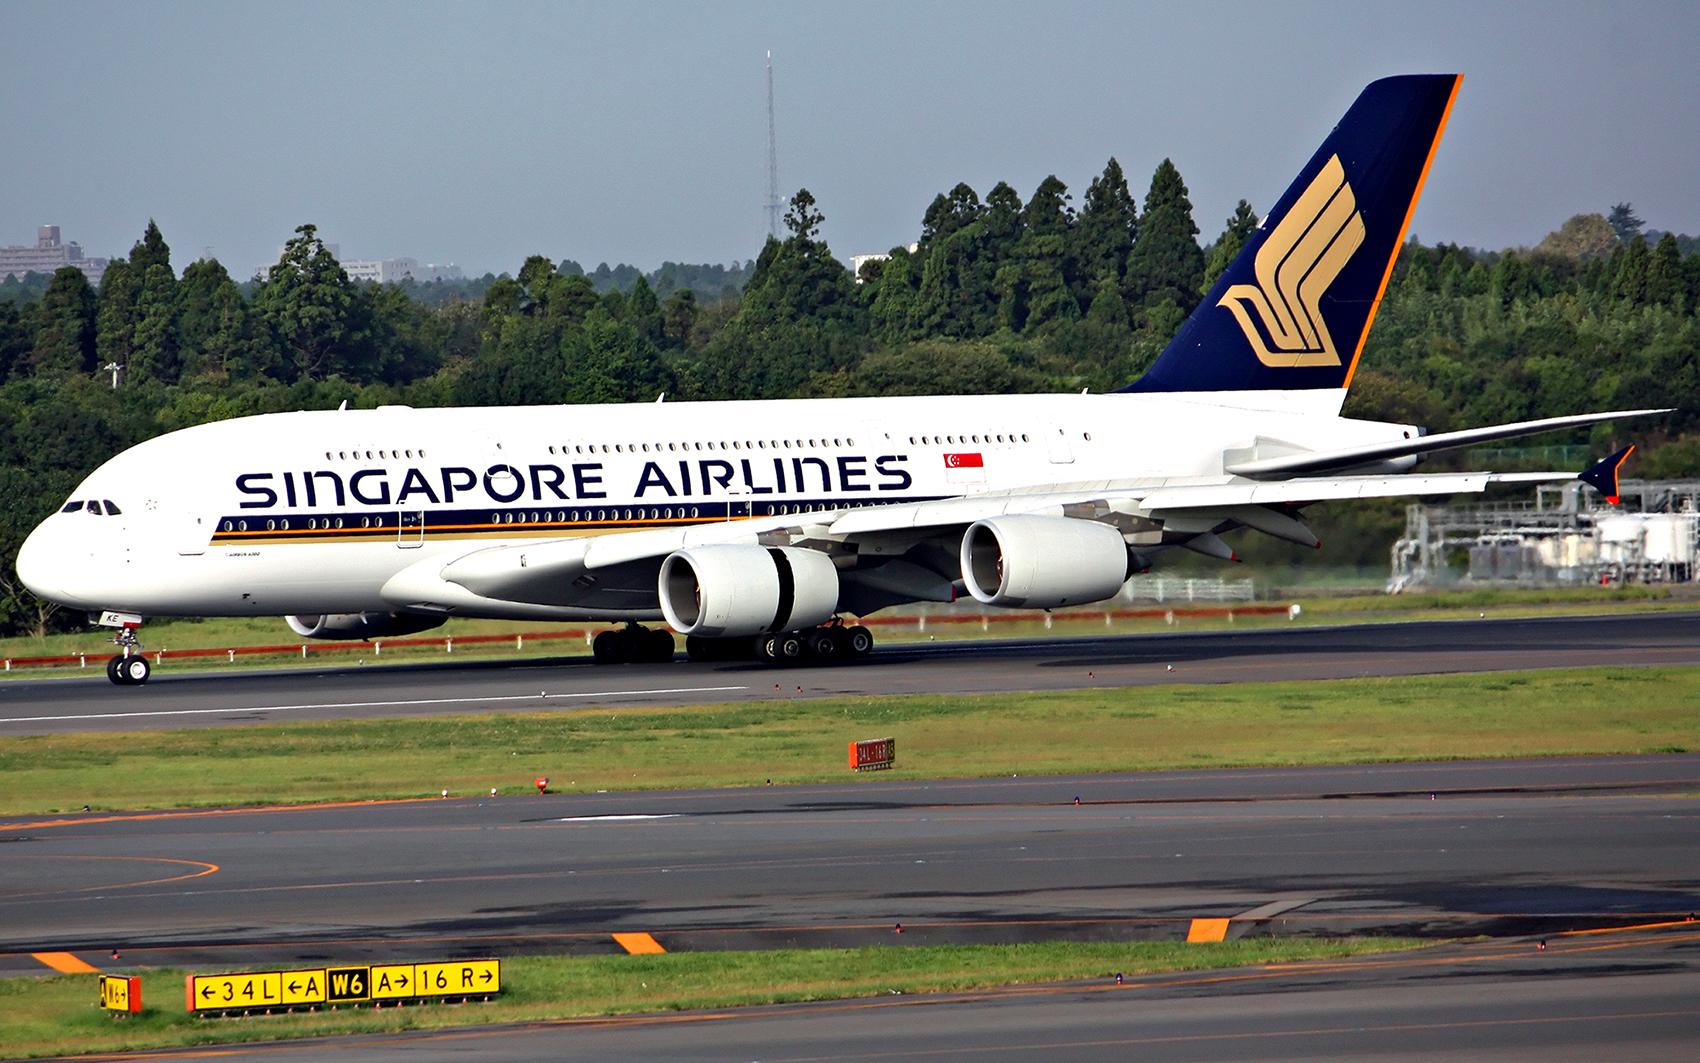 싱가포르 항공 - 위키백과, 우리 모두의 백과사전